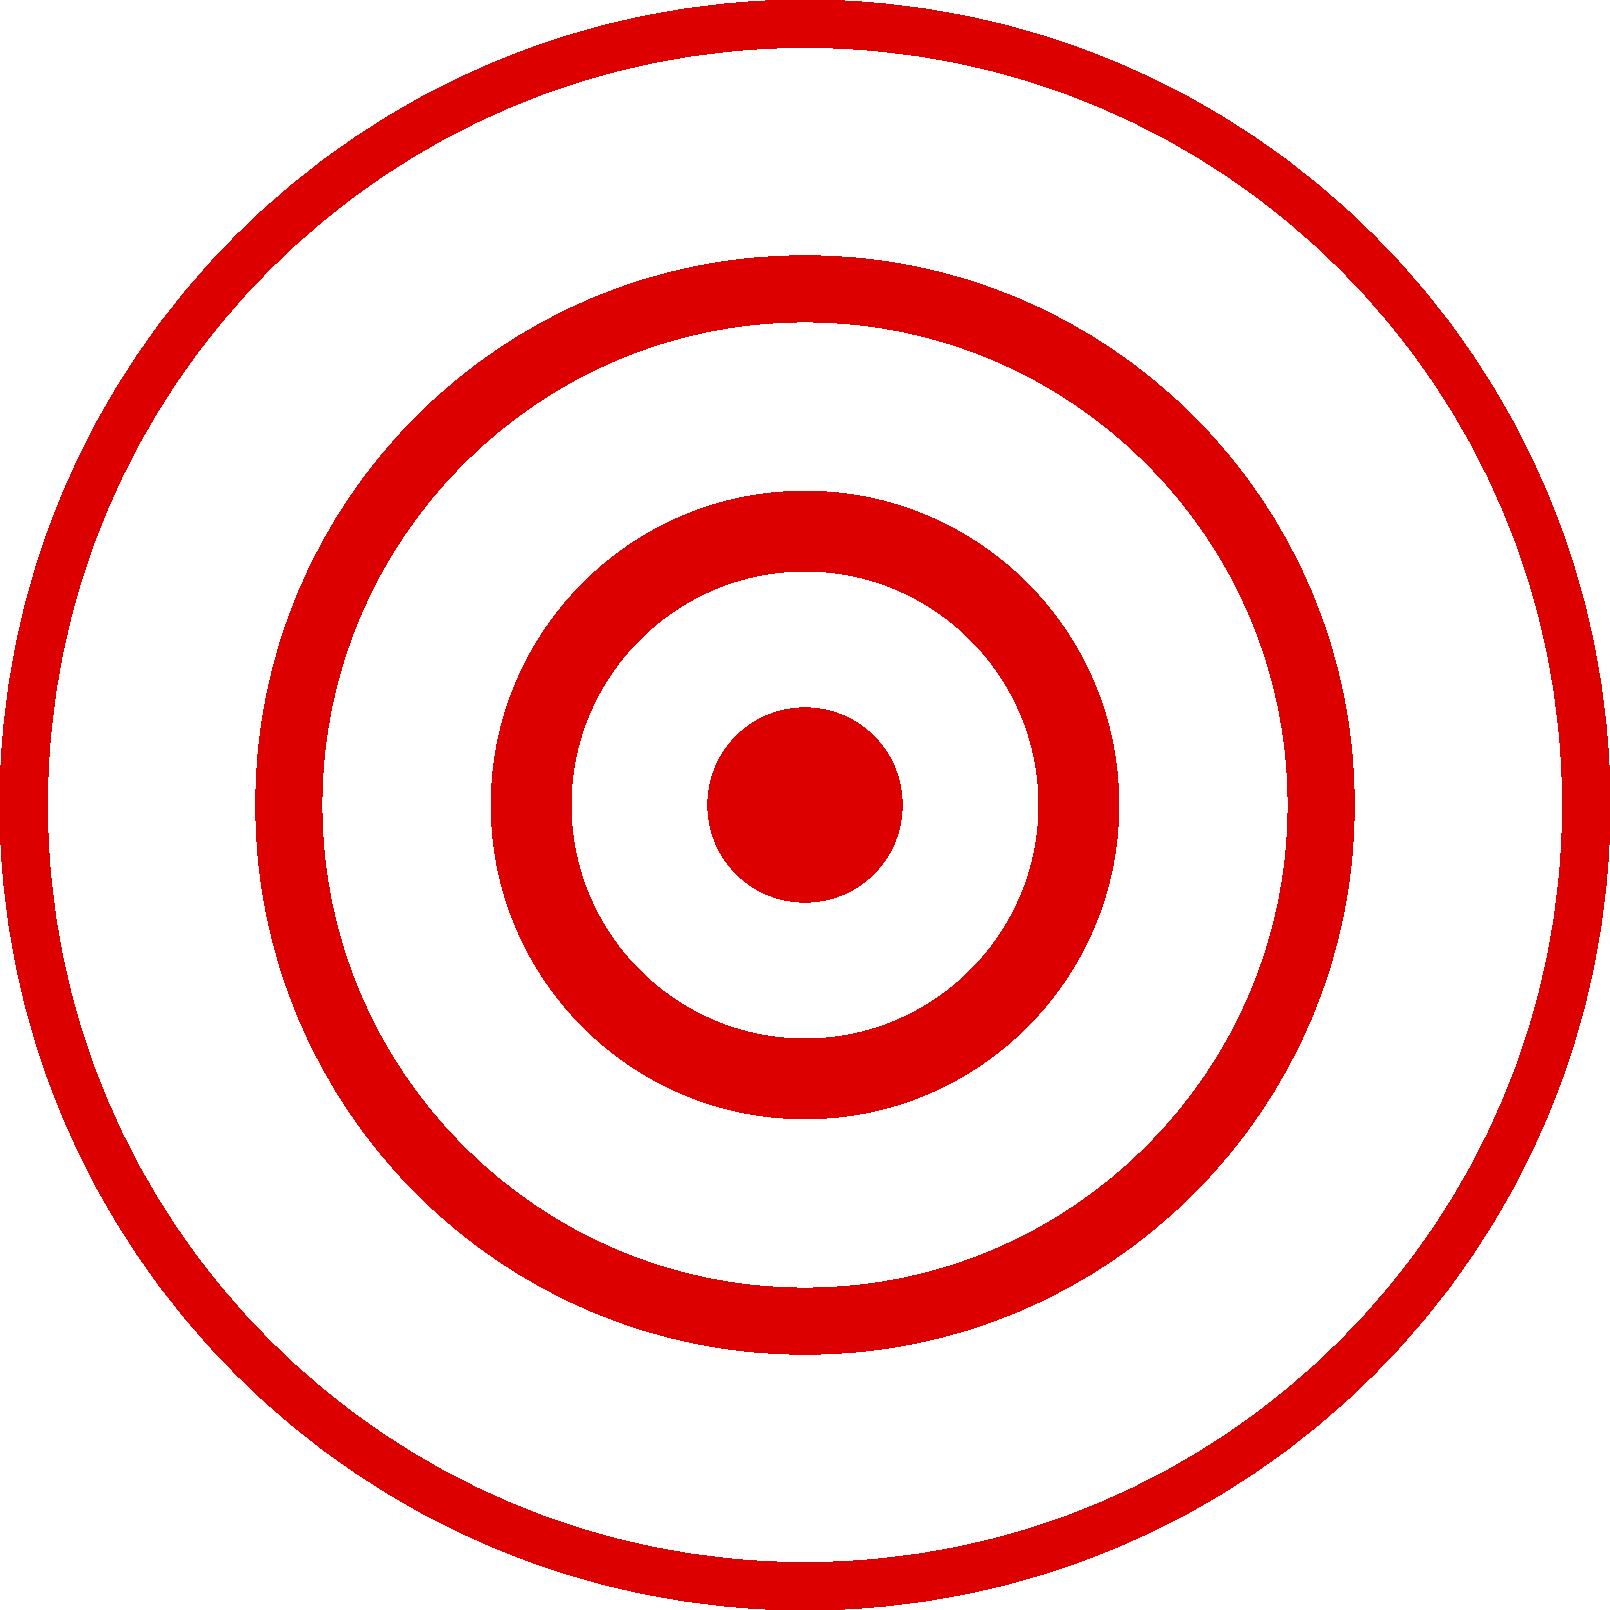 Bullseye Target Clipart - Clipart Kid